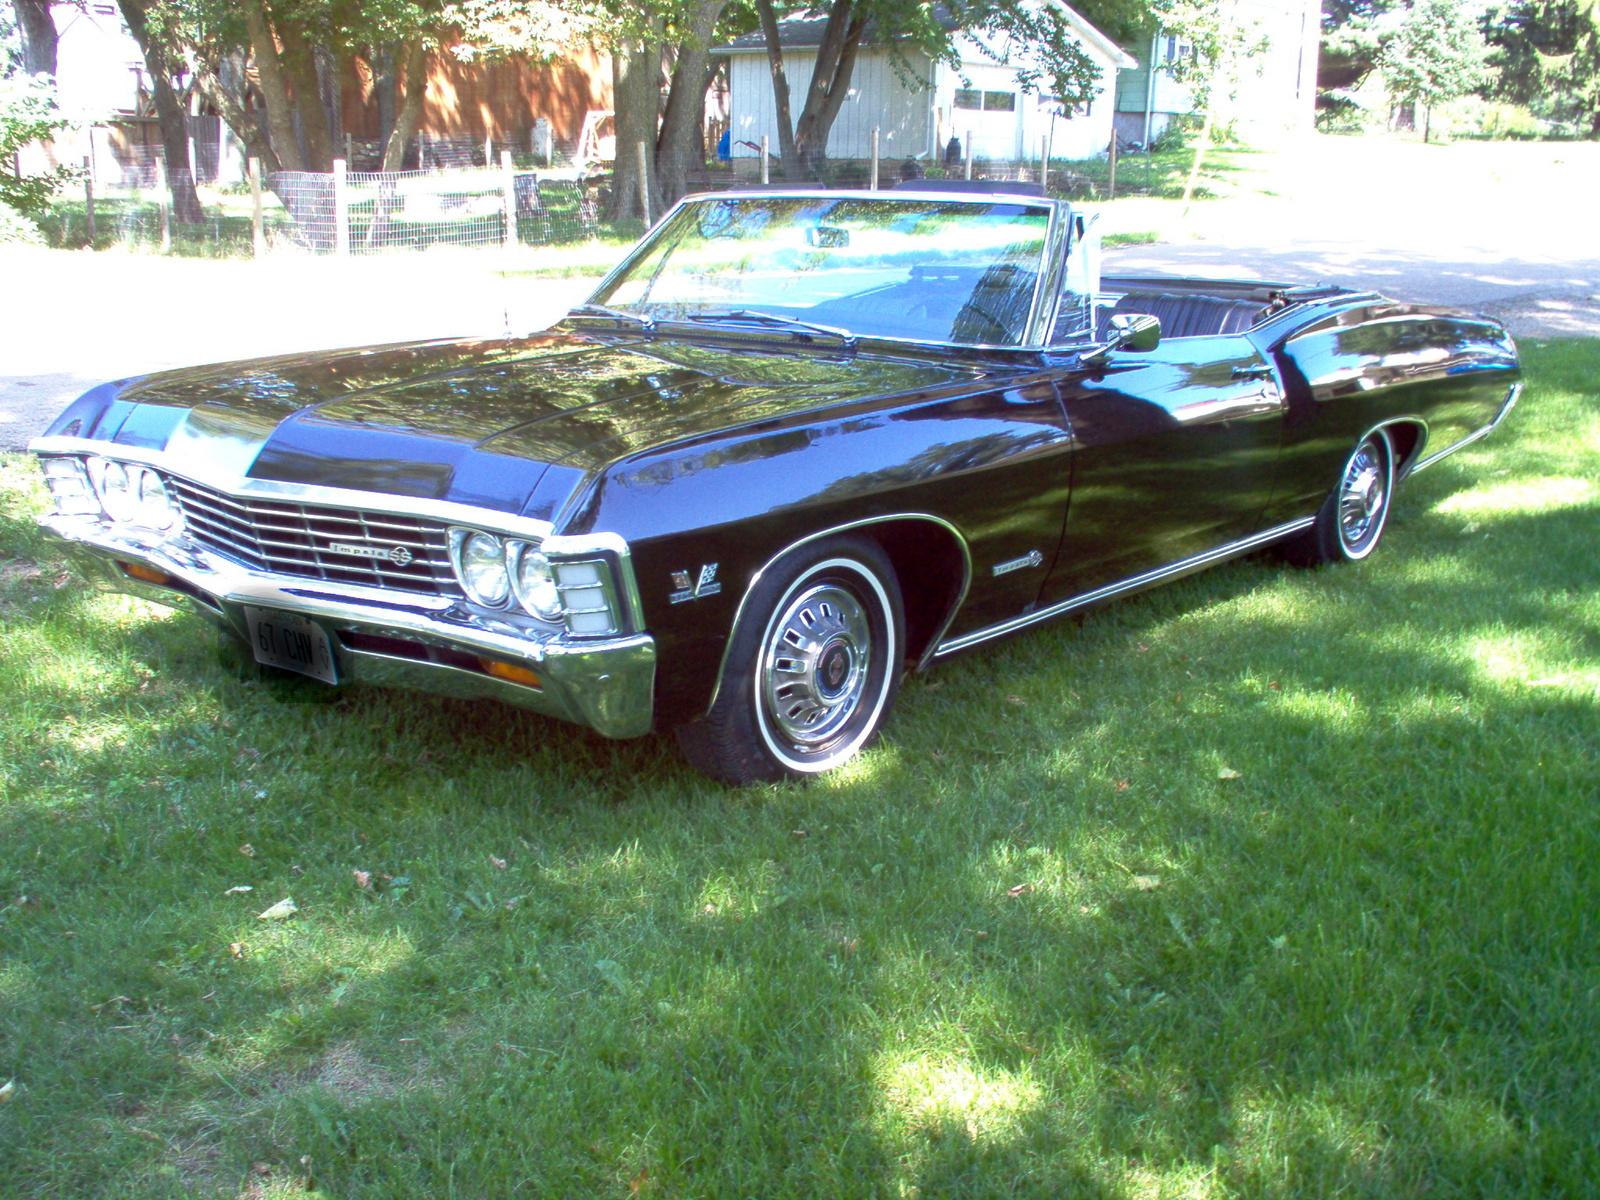 1967 Chevrolet Impala Pictures Cargurus